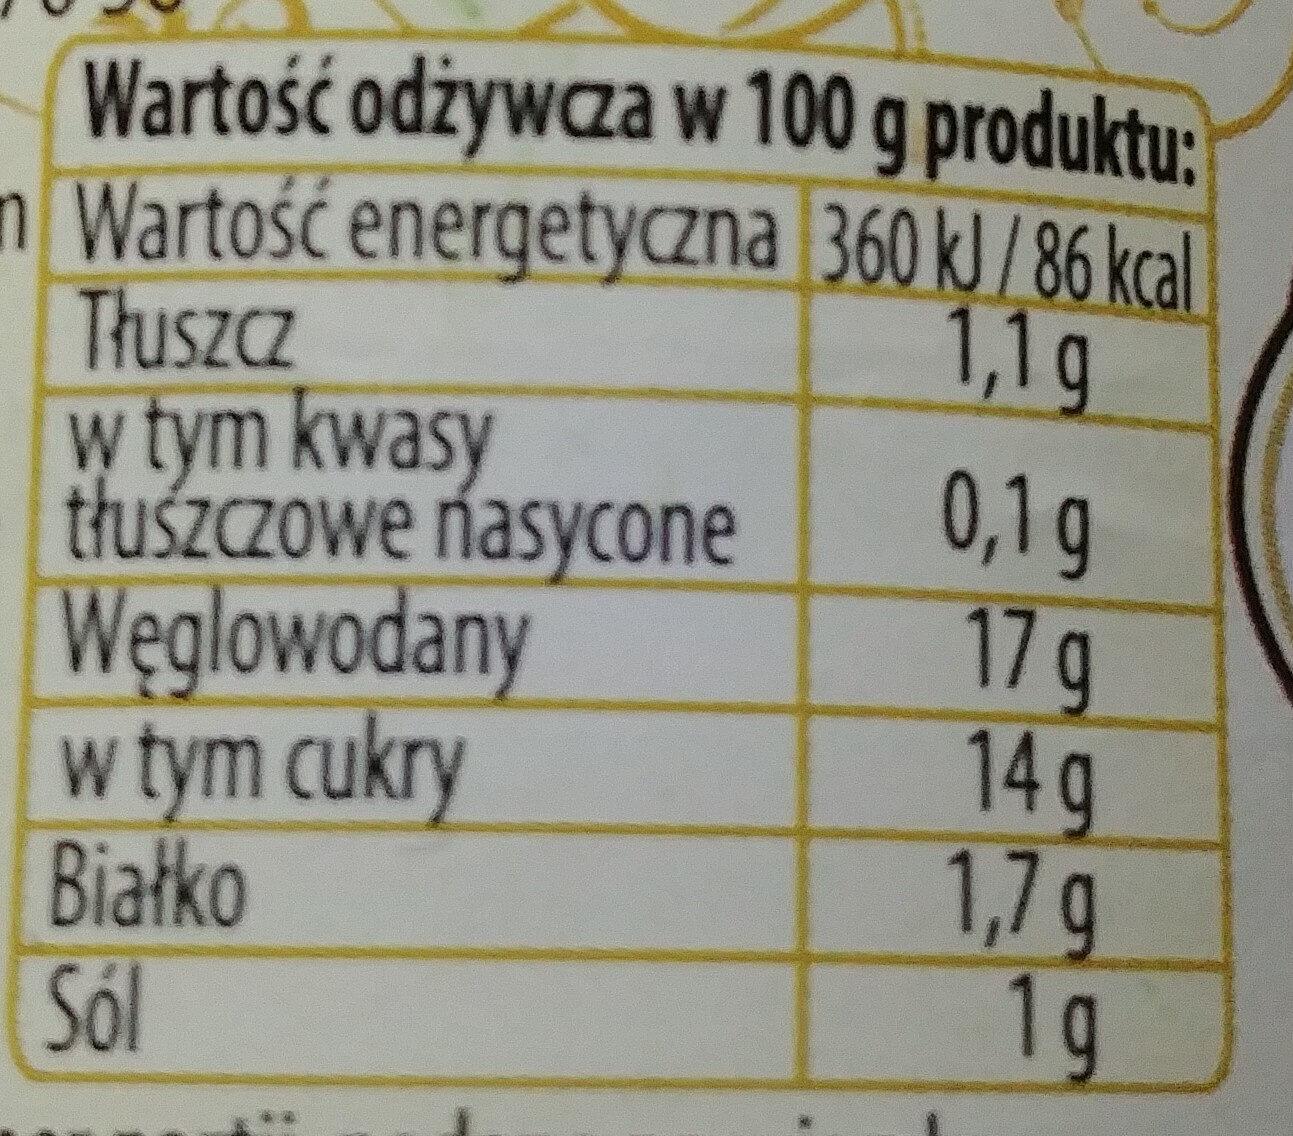 Chrzan Nadwarciański - Wartości odżywcze - pl